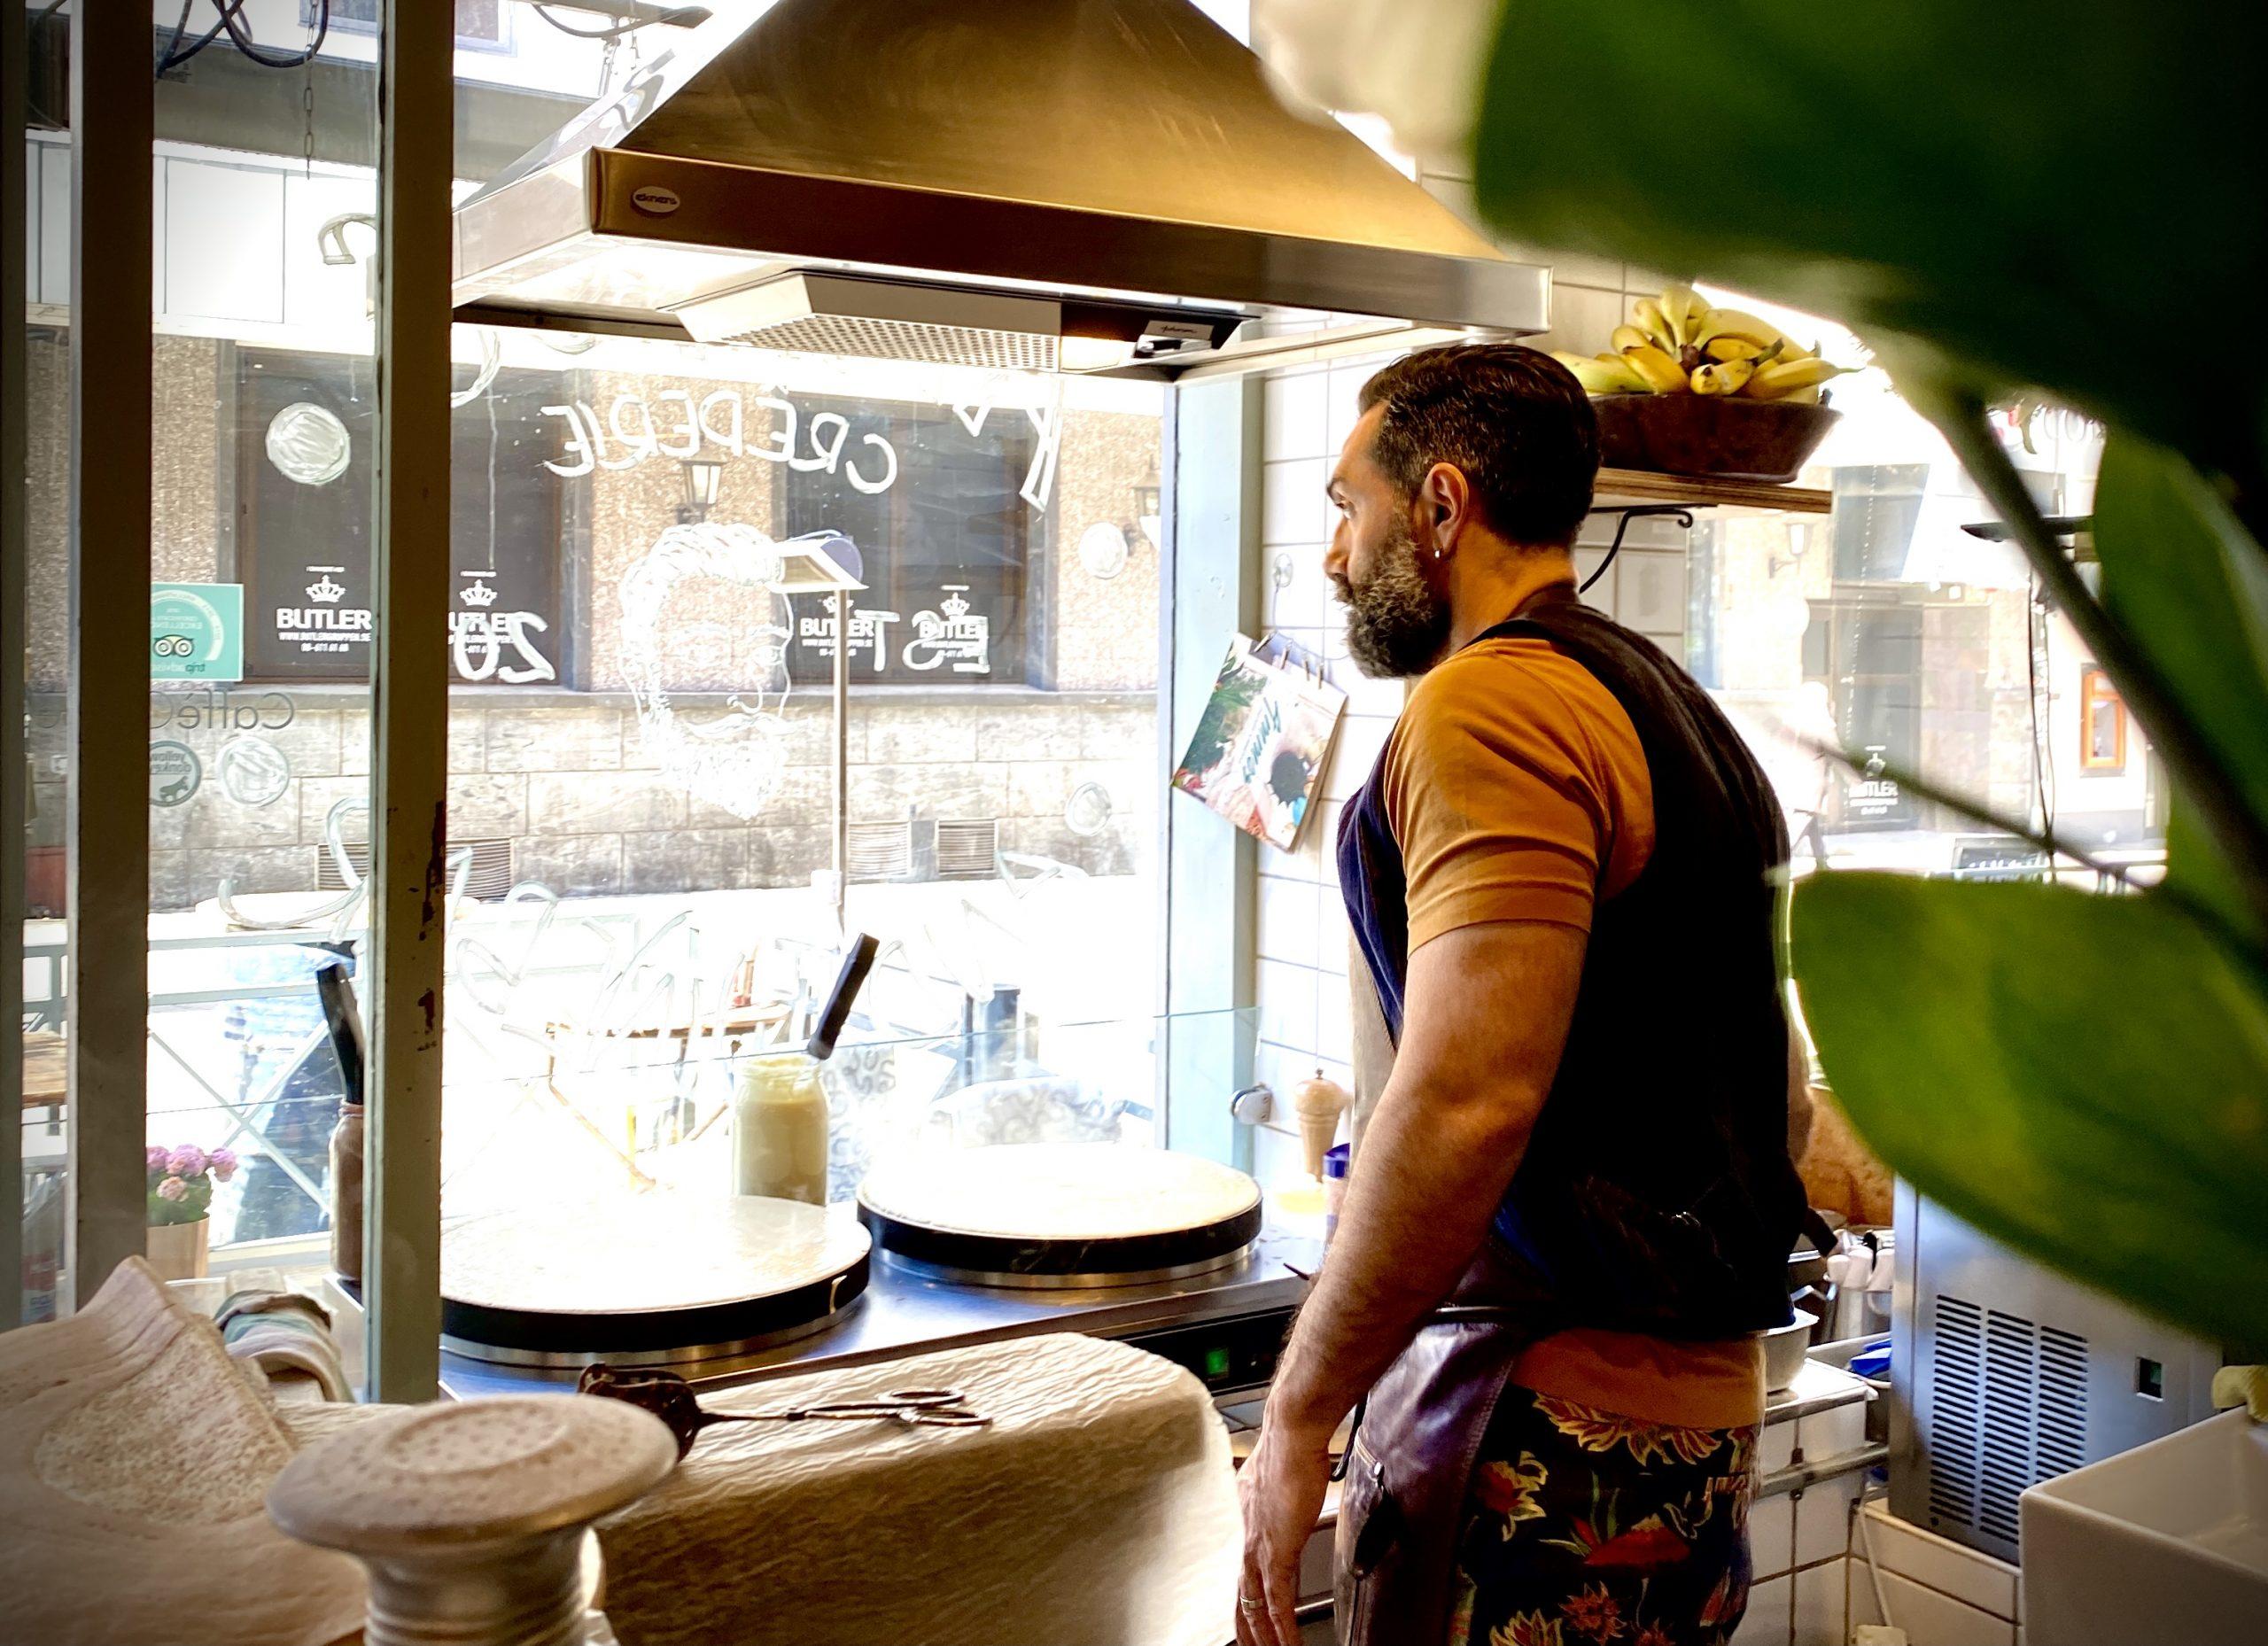 Ammos Café & Crêperie